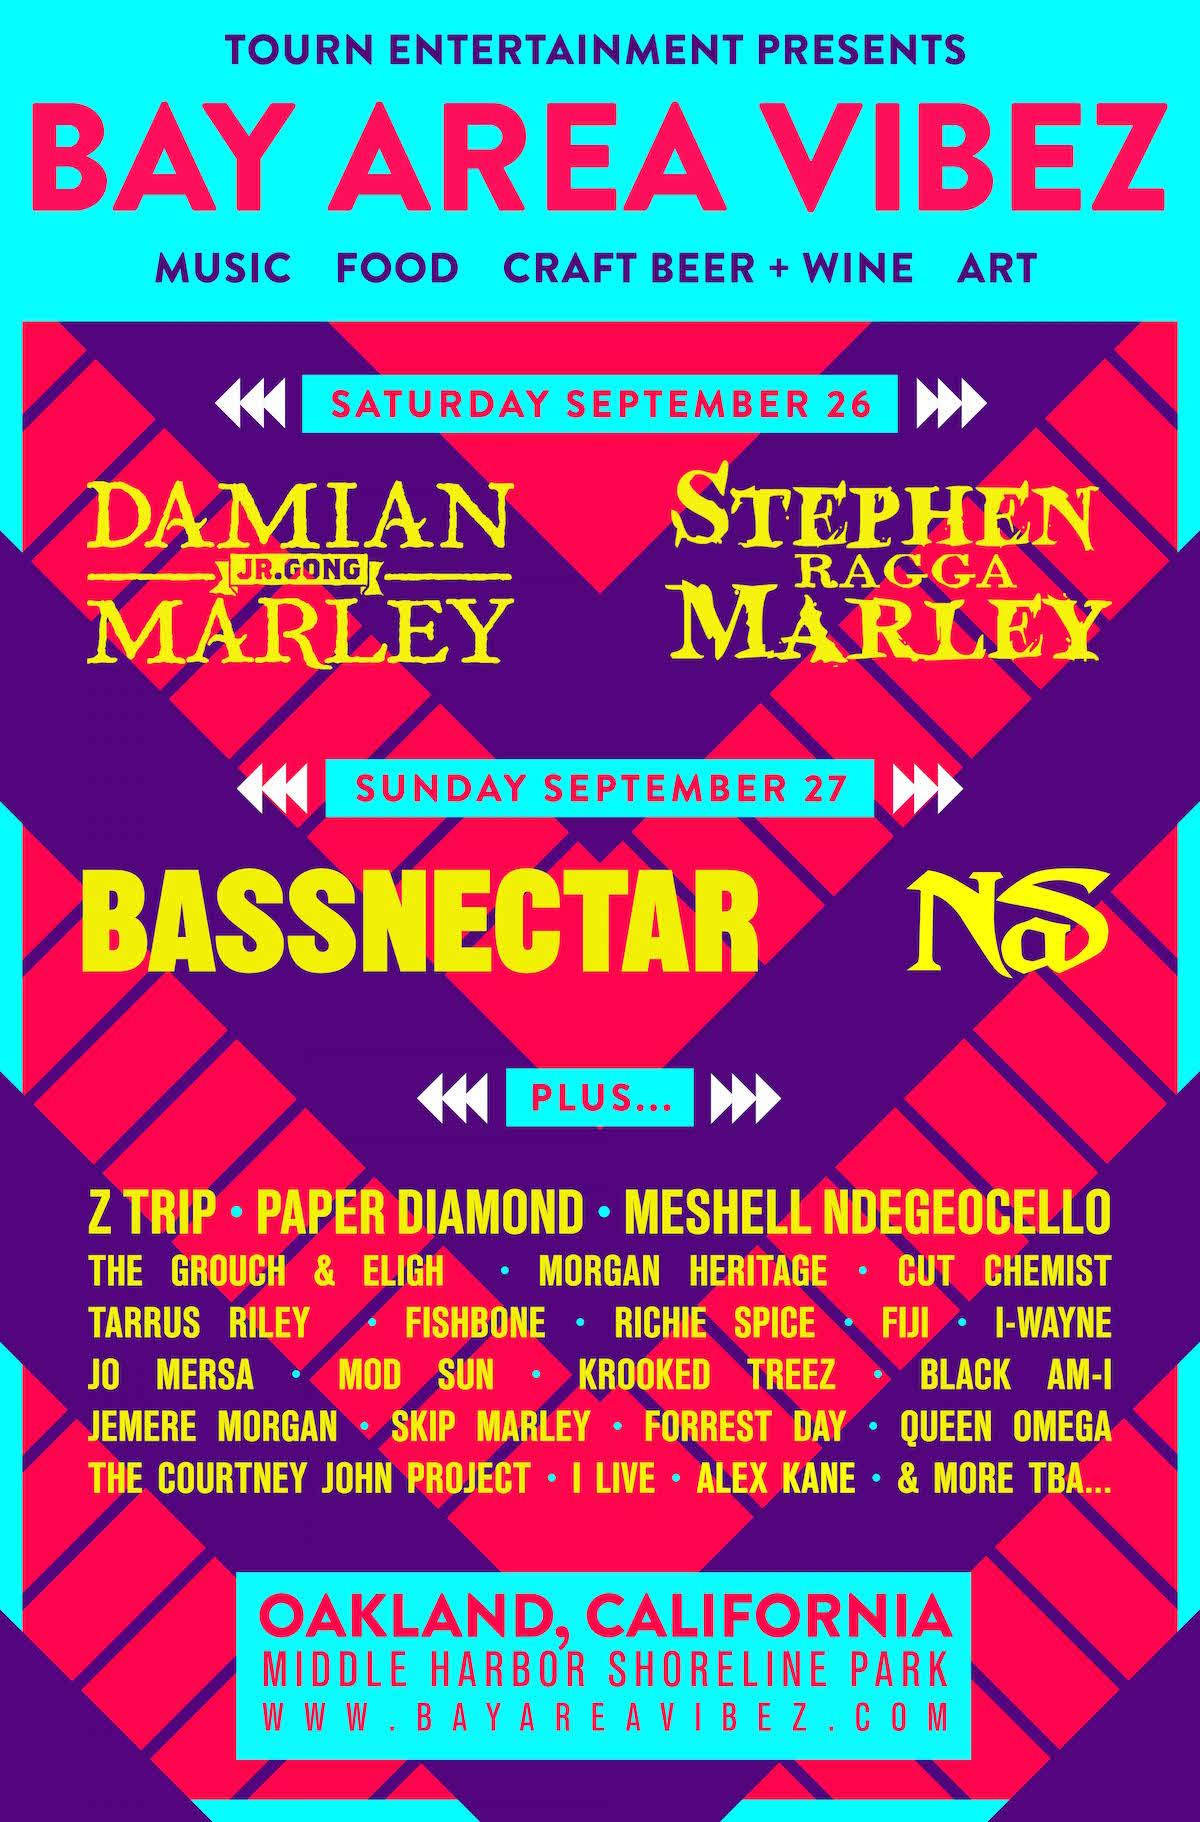 Bassnectar @ TomorrowWorld 2015